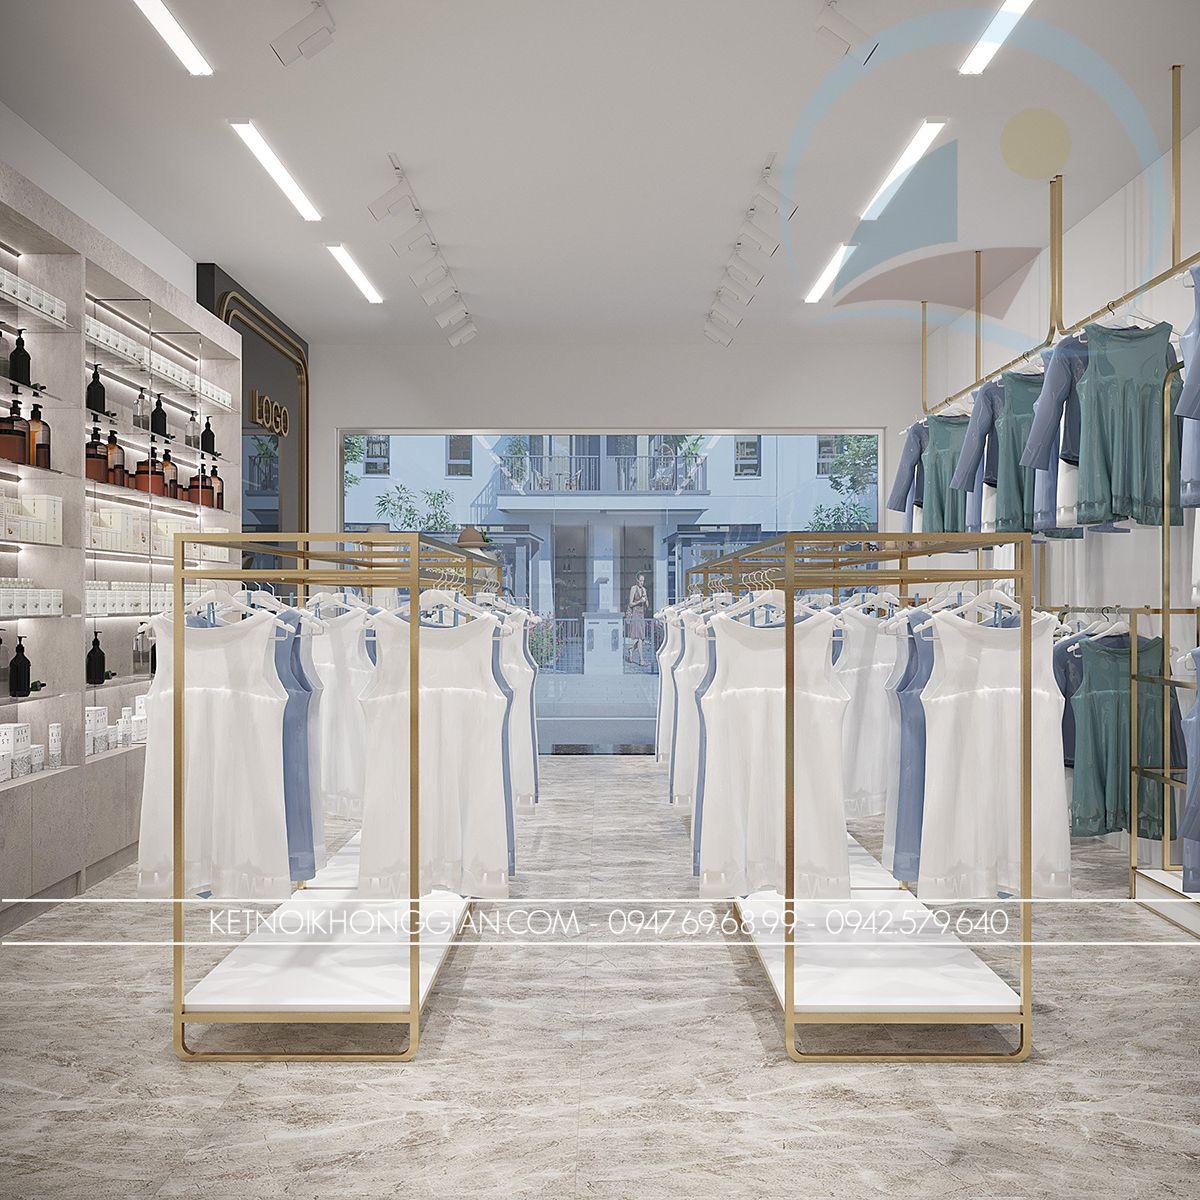 thiết kế cửa hàng thời trang cao cấp